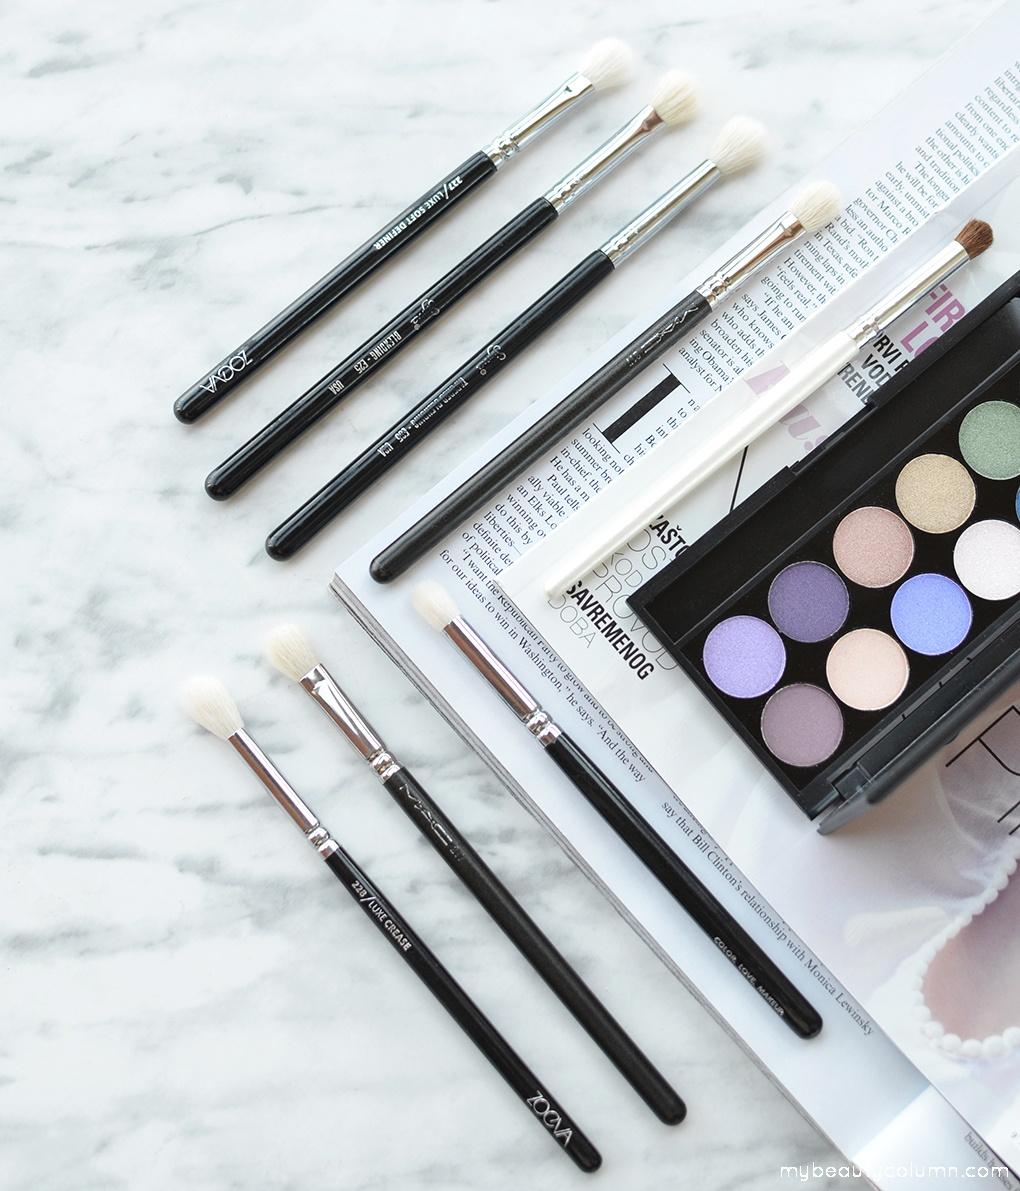 Eyeshadow Blending Brushes - MyBeautyColumn.com